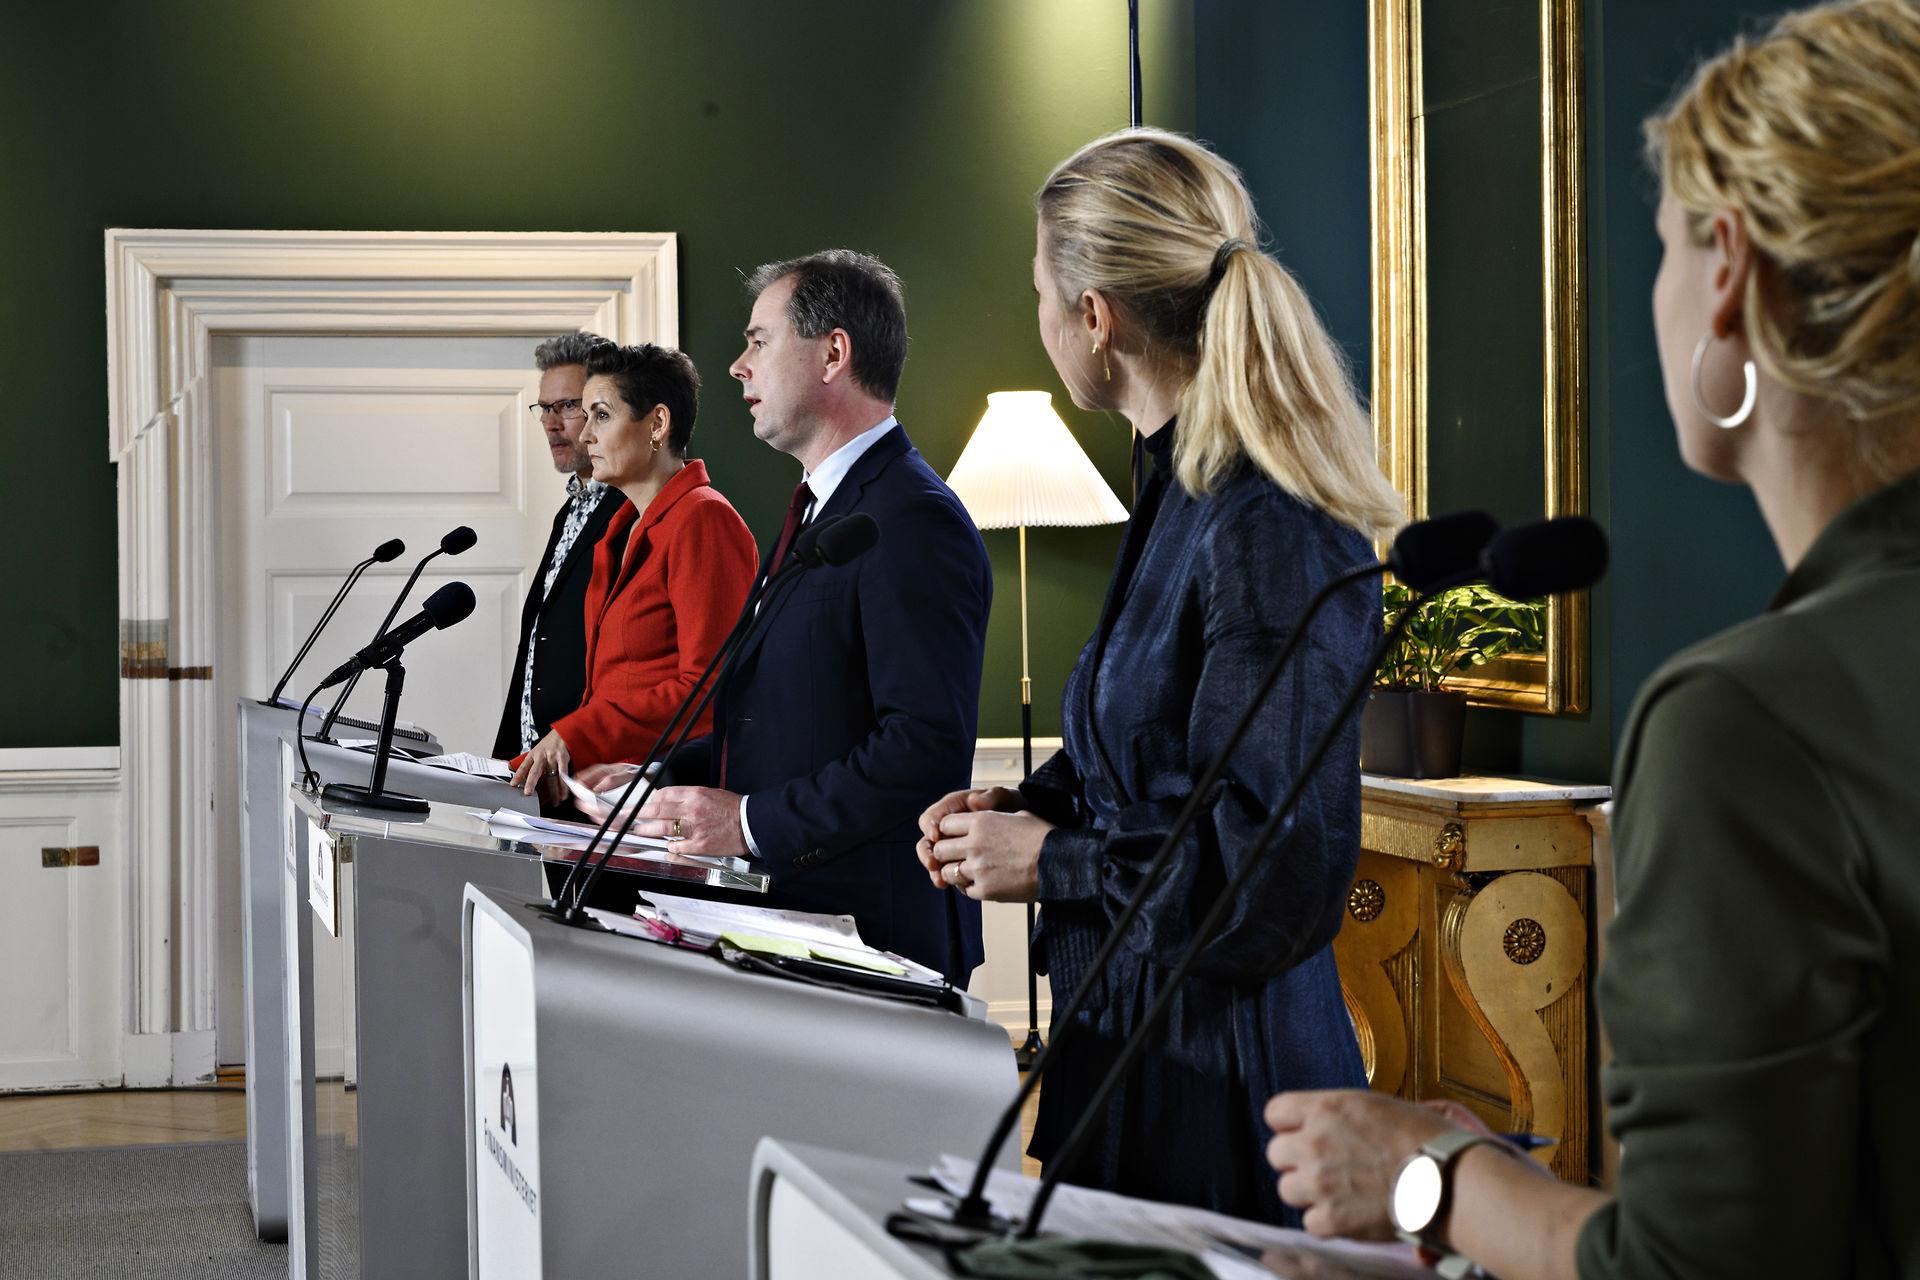 Finanslovsforhandlinger slår bundrekord i mediedækning